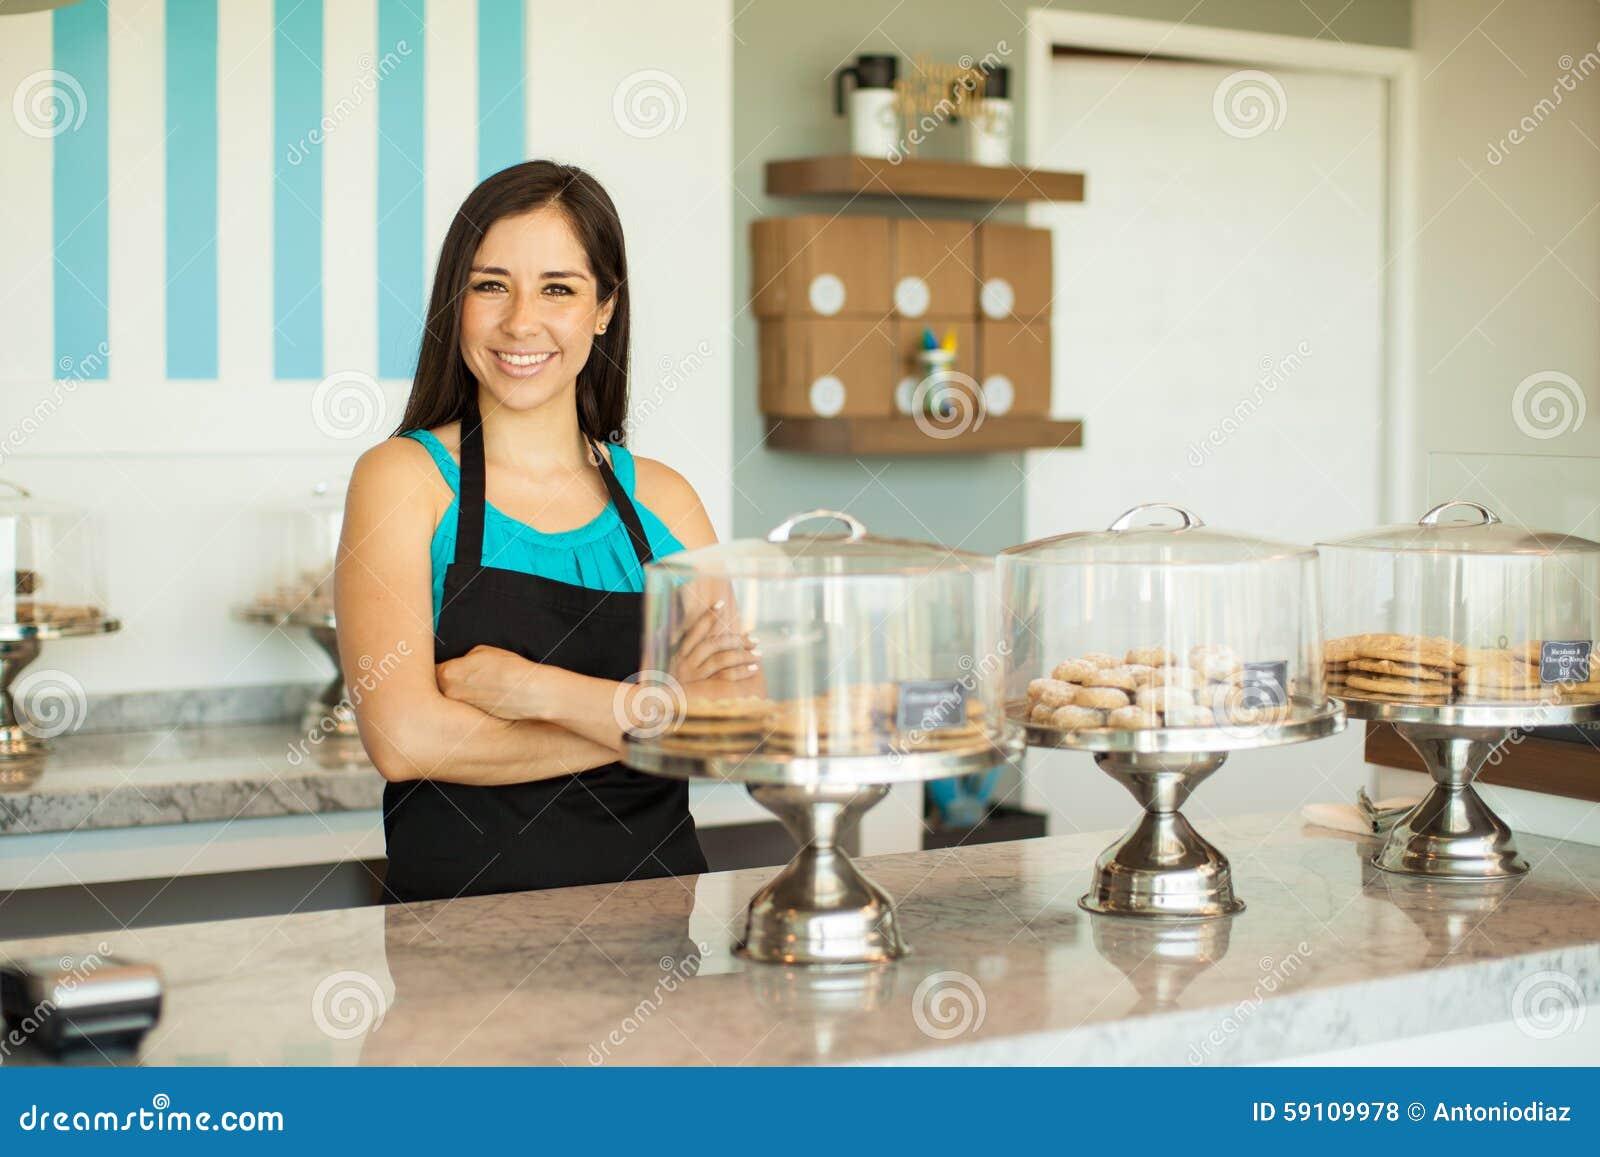 卖曲奇饼的俏丽的妇女